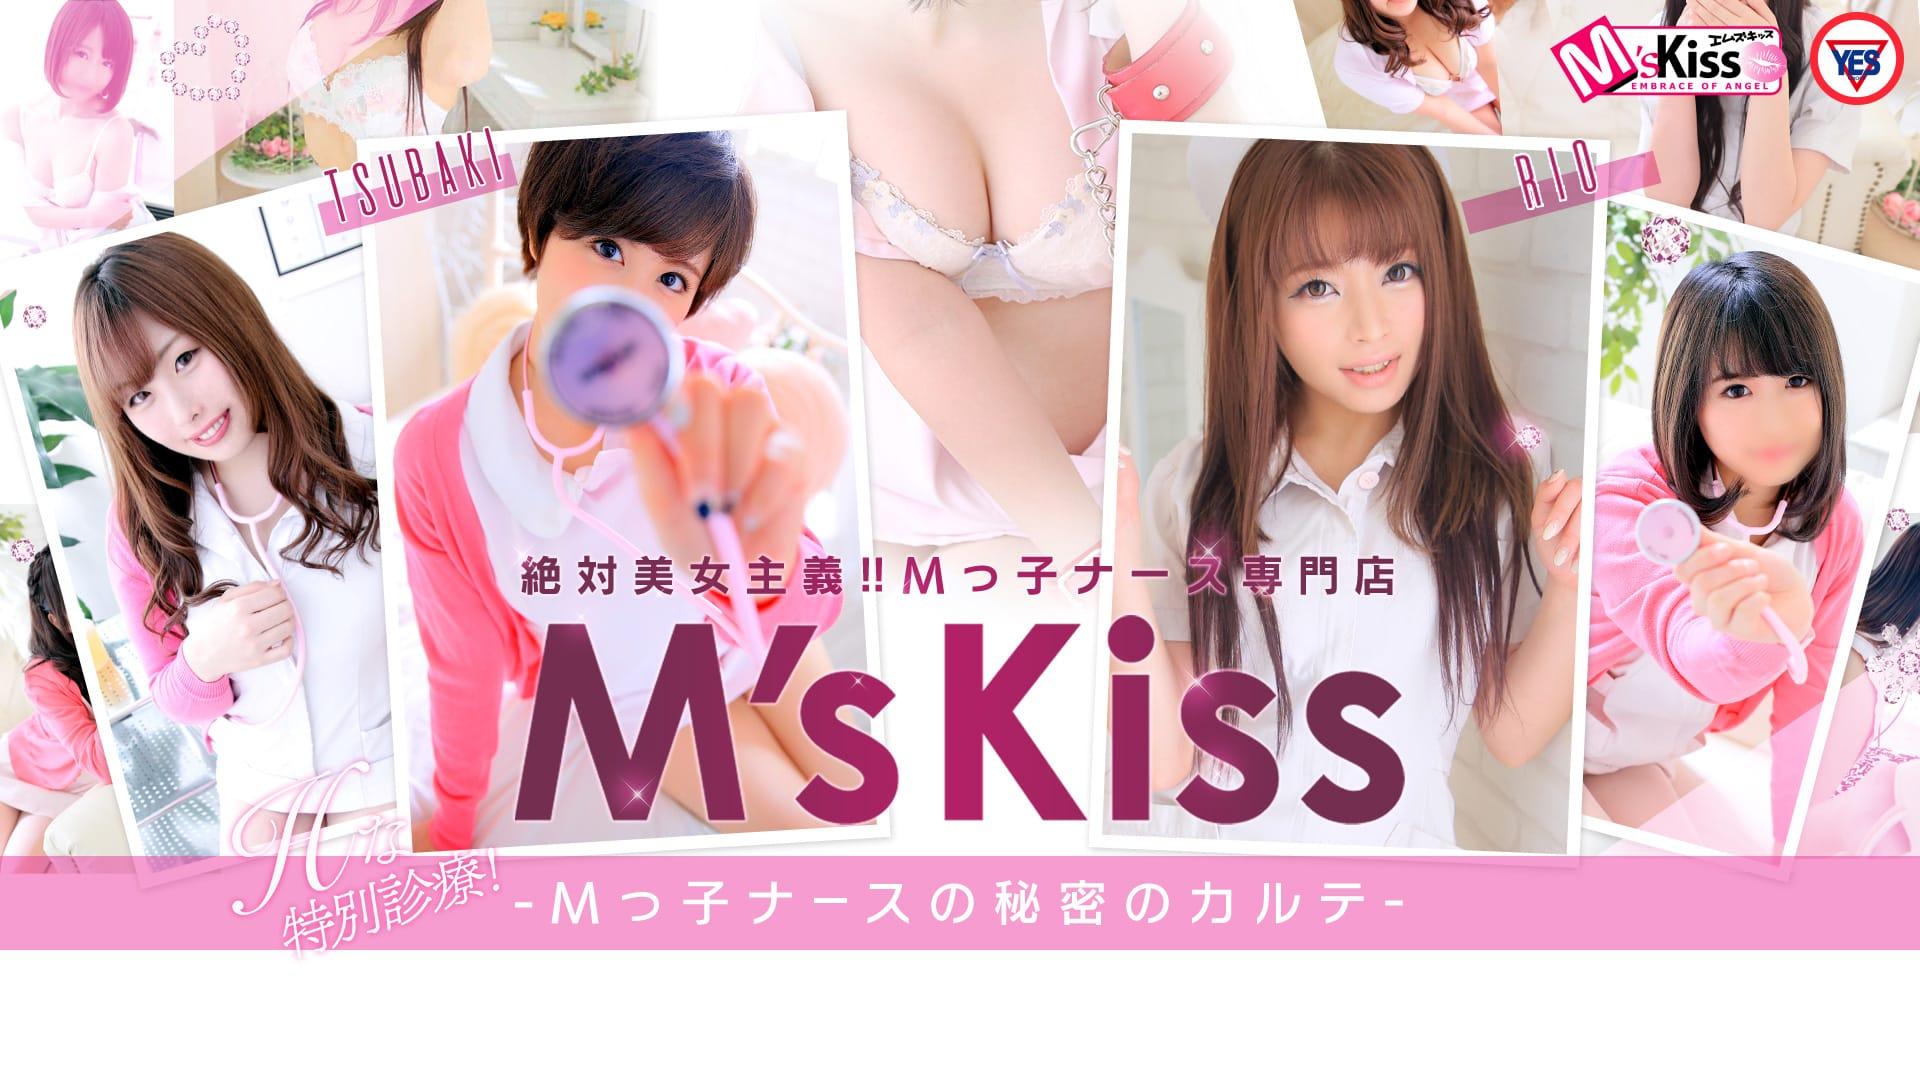 M'skiss(エムズキス)